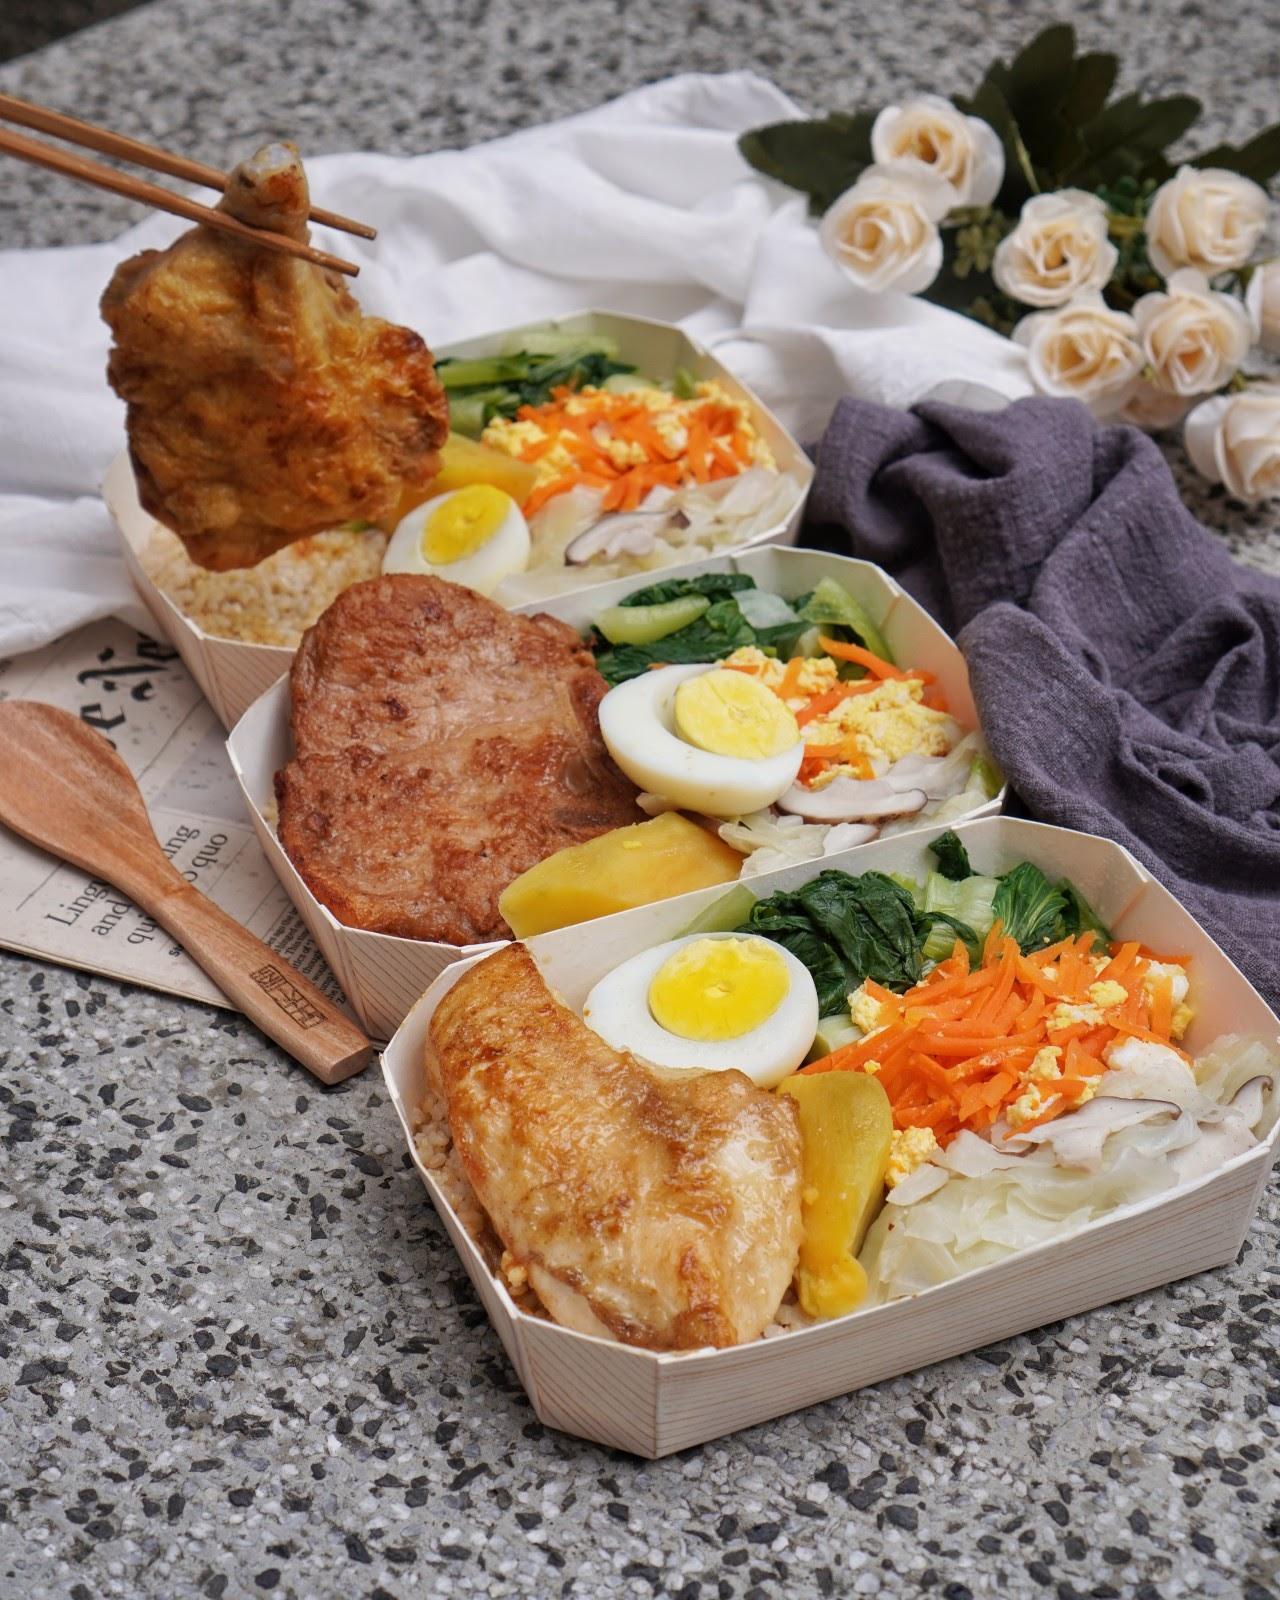 【防疫美食推薦】高CP外送外帶熱門低卡餐盒《日日好食》份量超多食材用料不手軟,除了賣爆紅的蘿蔔糕以外,也是台南首間低卡餐!